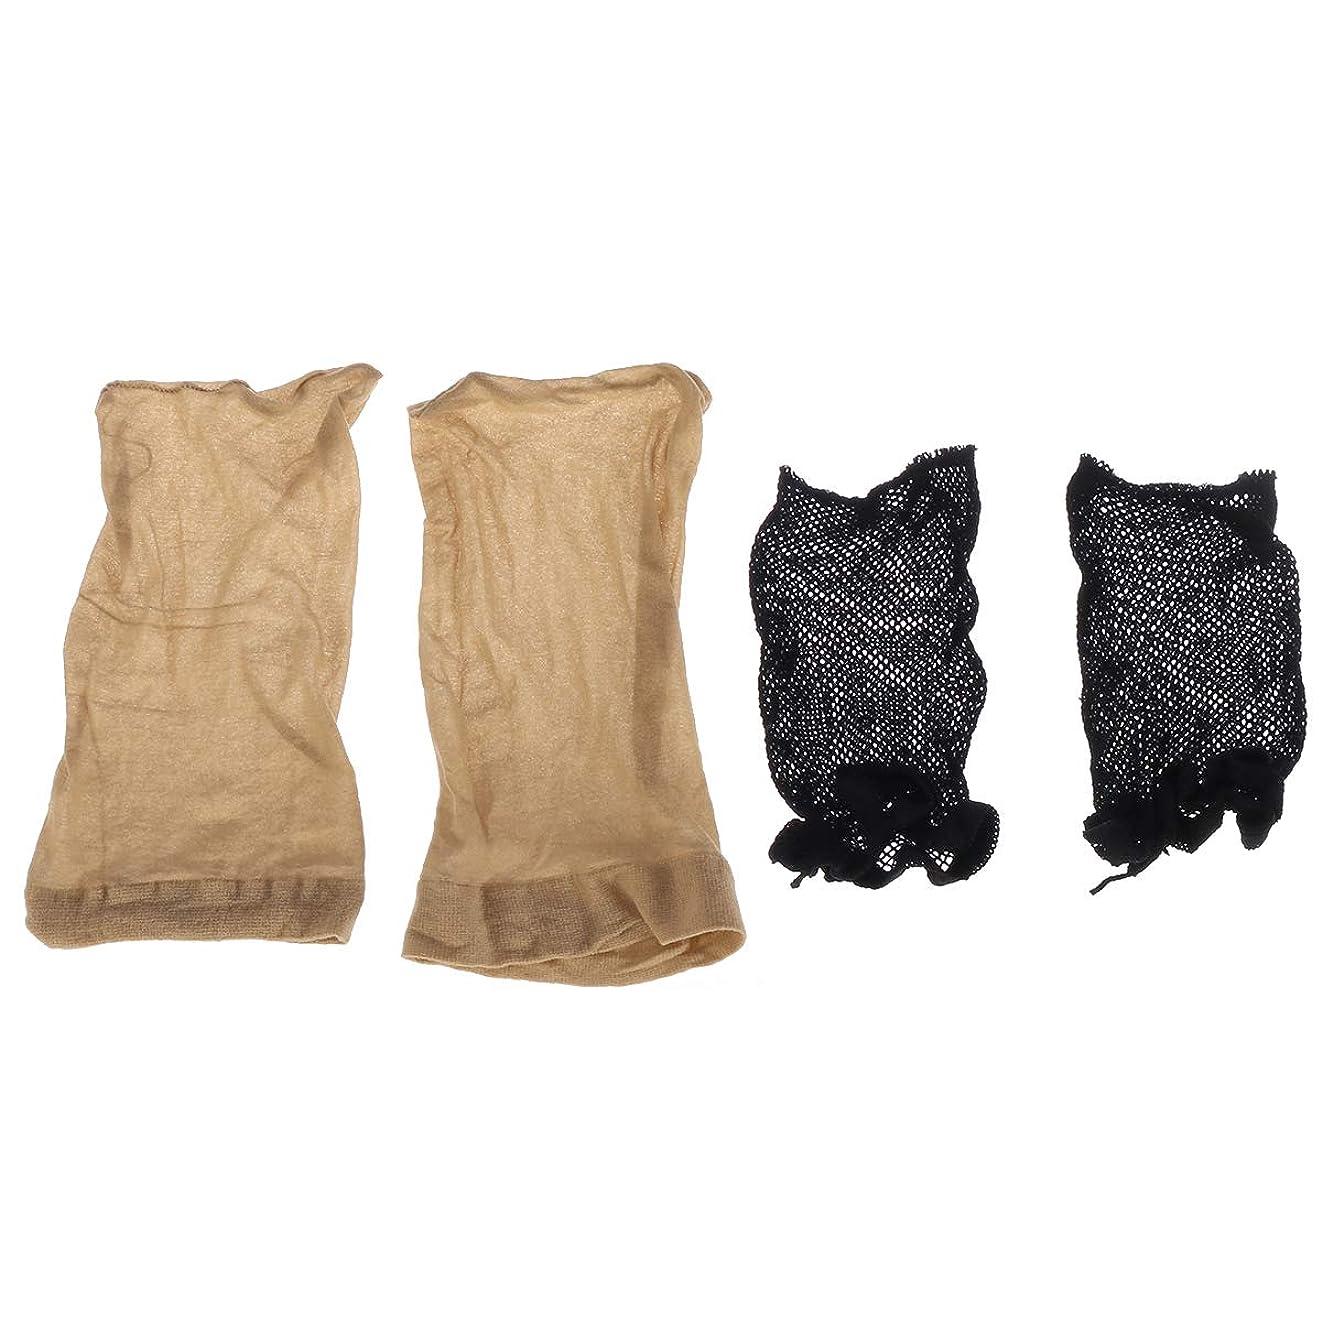 十二成功SUPVOX かつらを作るための2pcsメッシュウィッグキャップ女性と男性のためのストッキングキャップと2pcsメッシュウィッグキャップ伸縮性のある弾性かつらキャップ(ブラック)